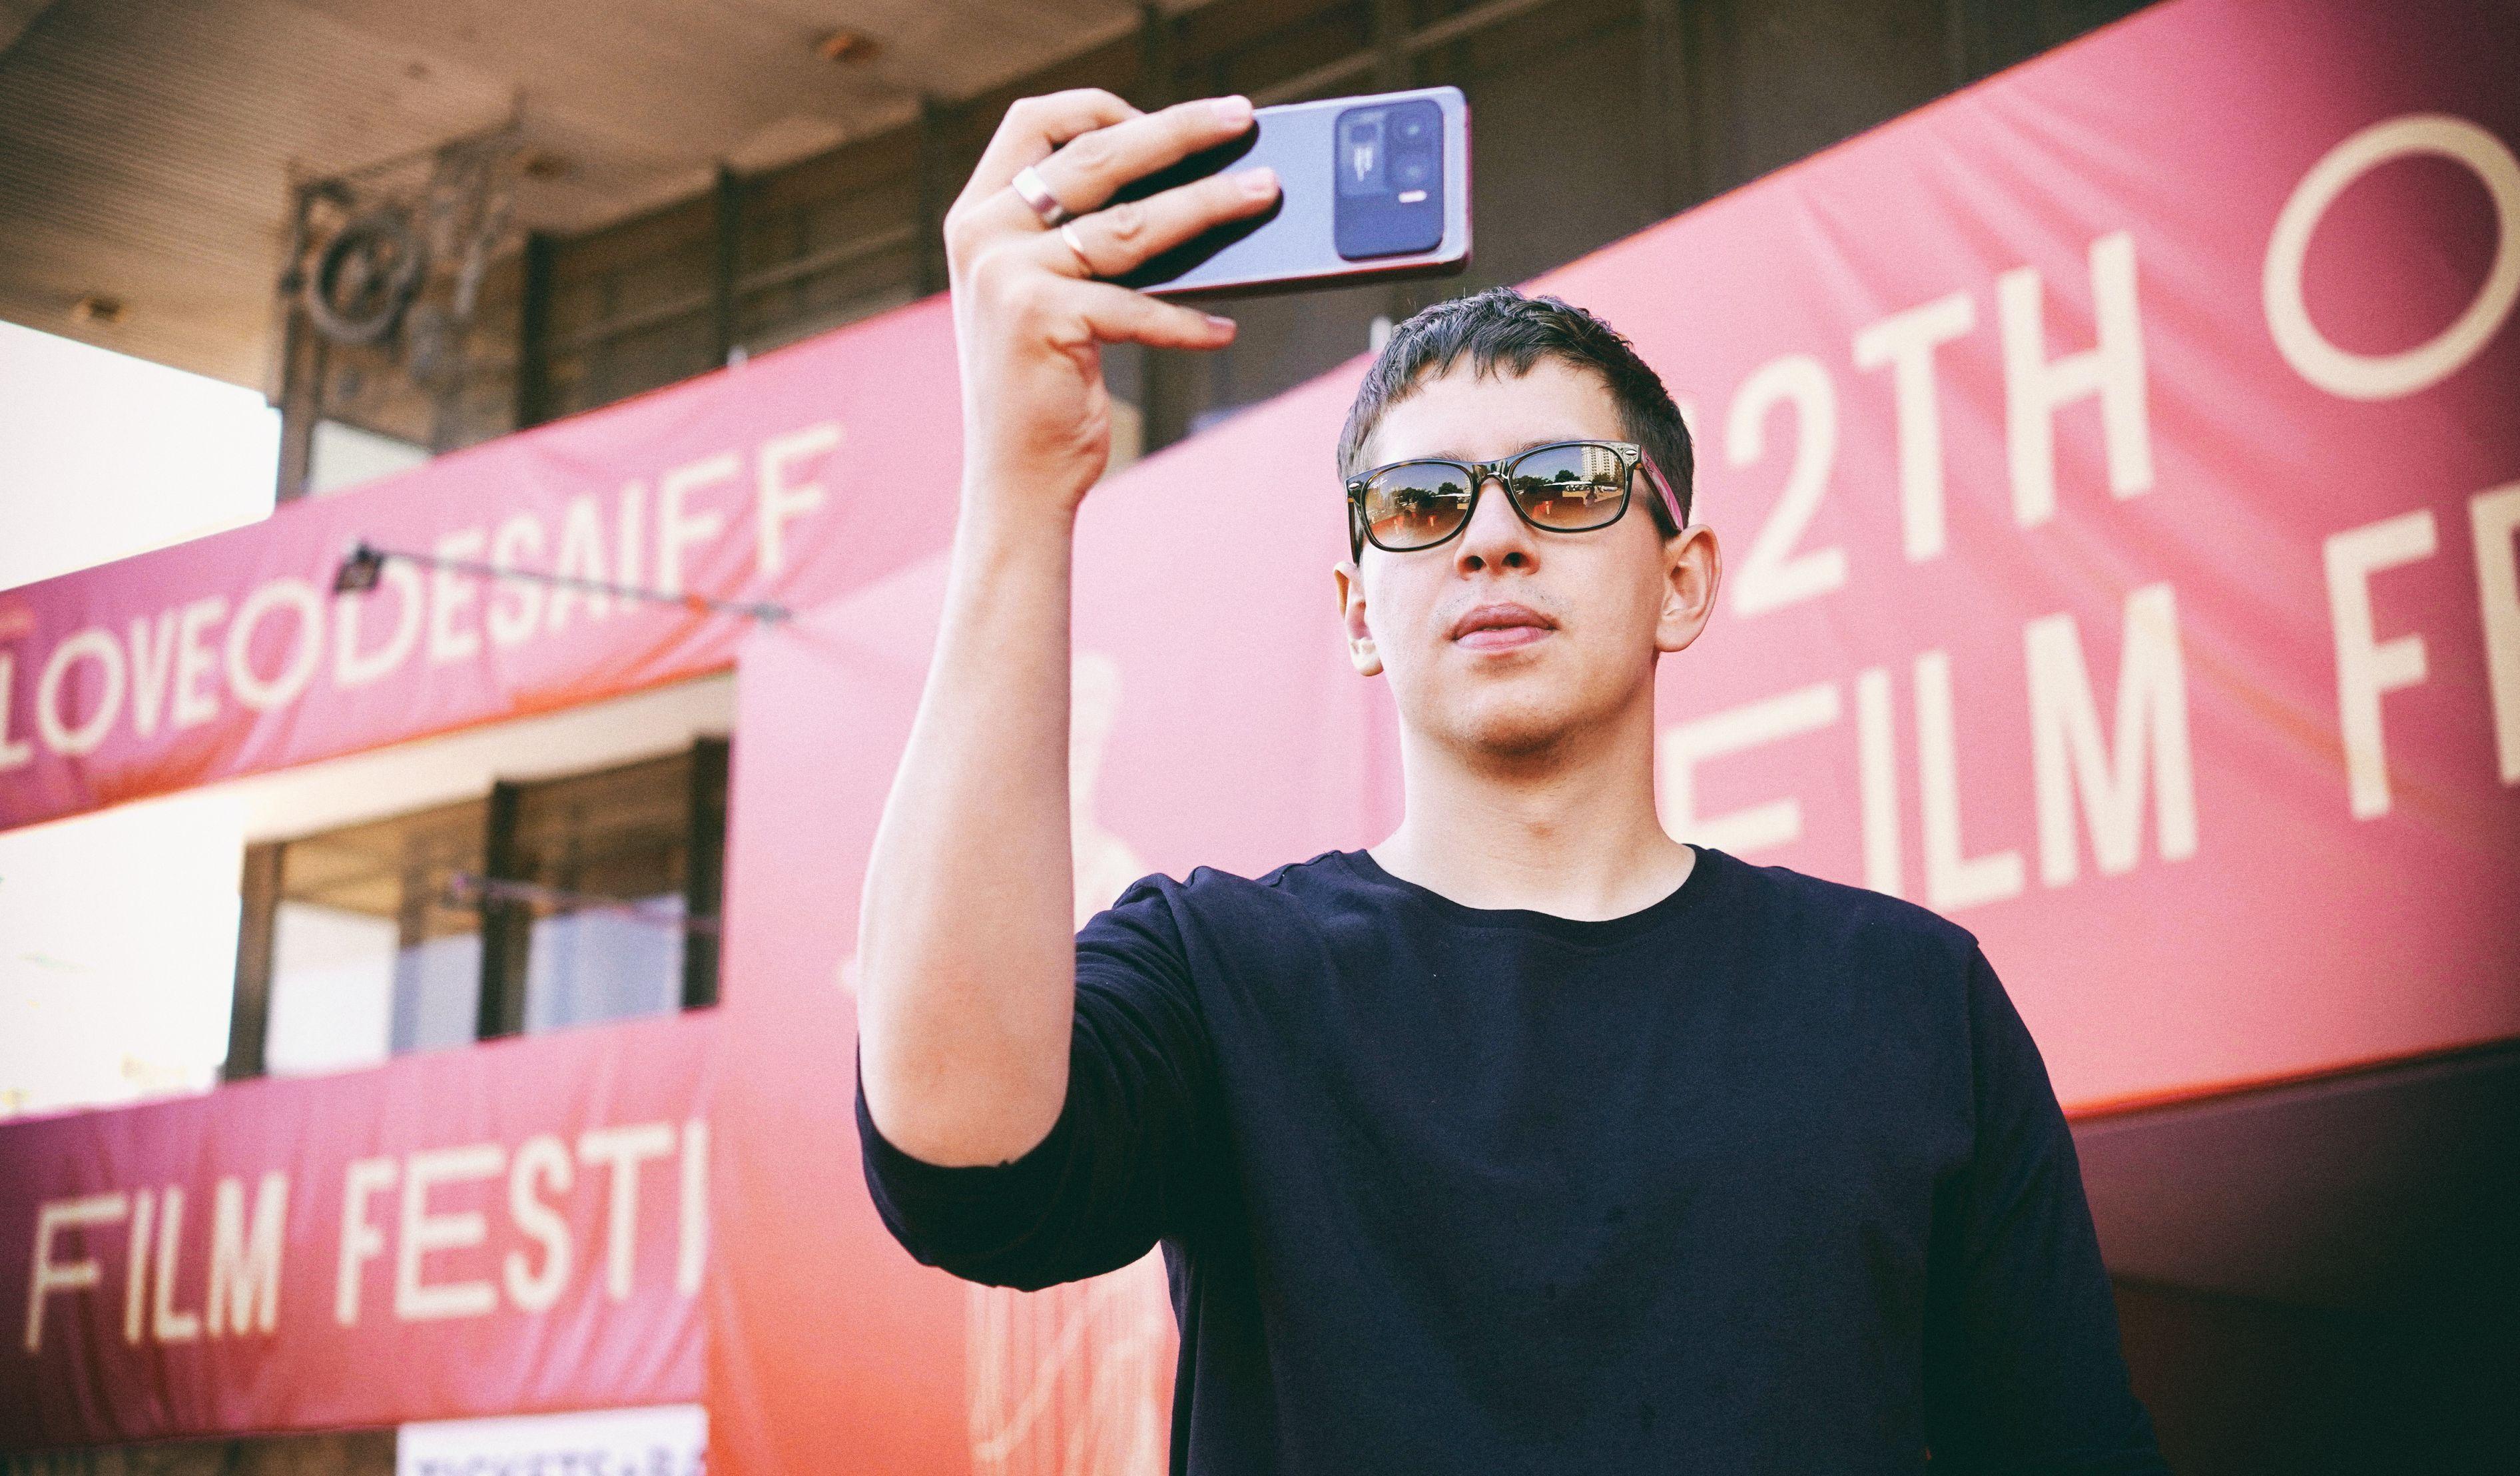 Xiaomi представила коллаборацию с украинским режиссером Антонио Лукичем – автором комедии  «Мои мысли тихие»